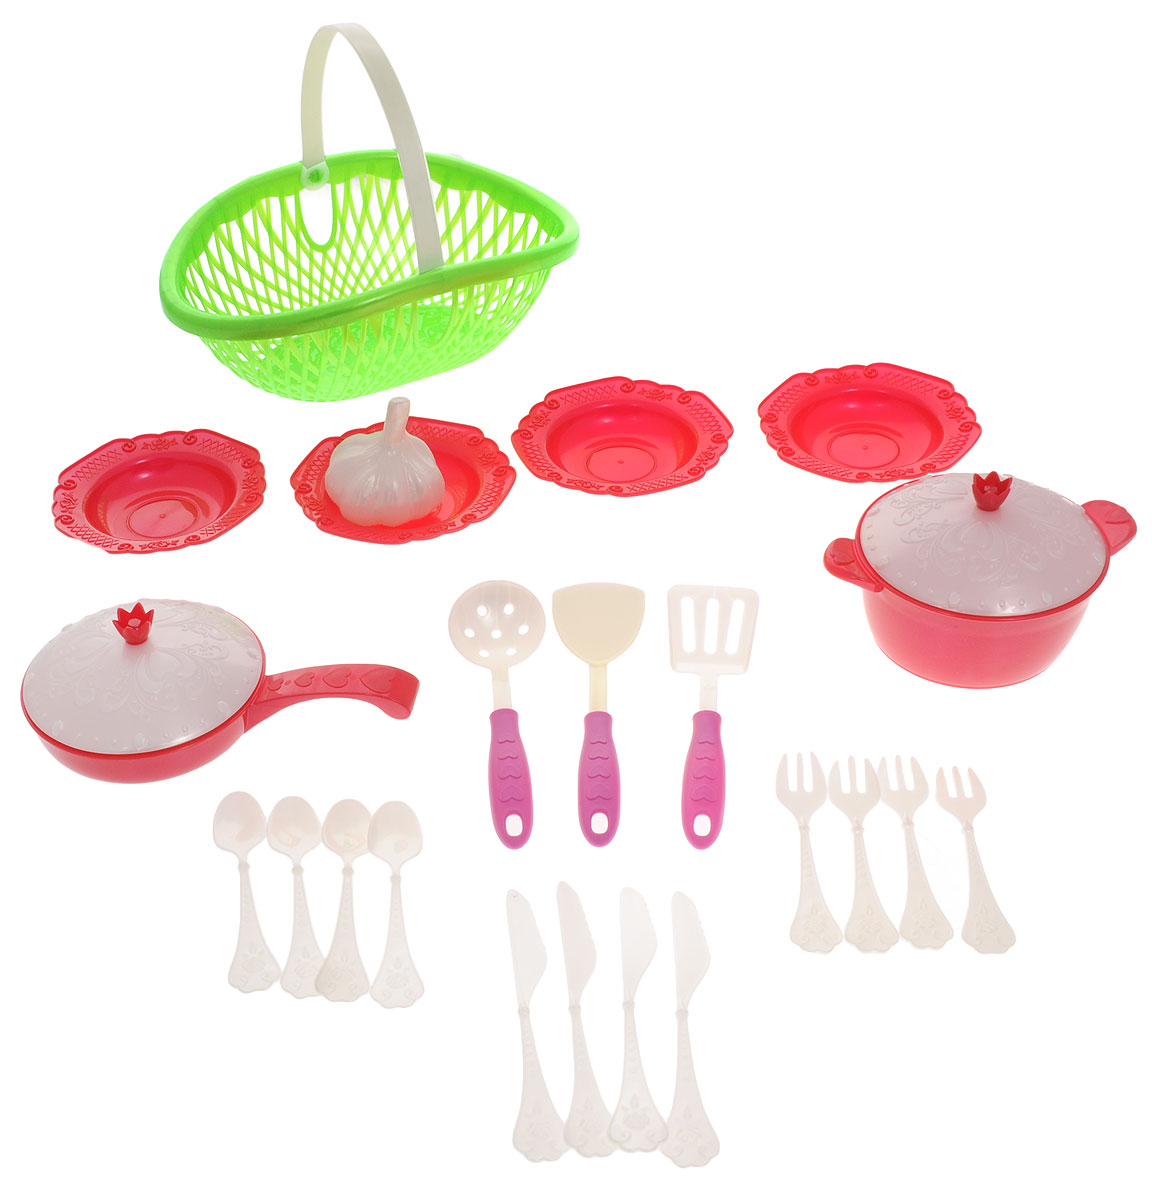 Купить Нордпласт Игрушечный набор посуды Кухонный сервиз Волшебная хозяюшка цвет зеленый красный, Сюжетно-ролевые игрушки